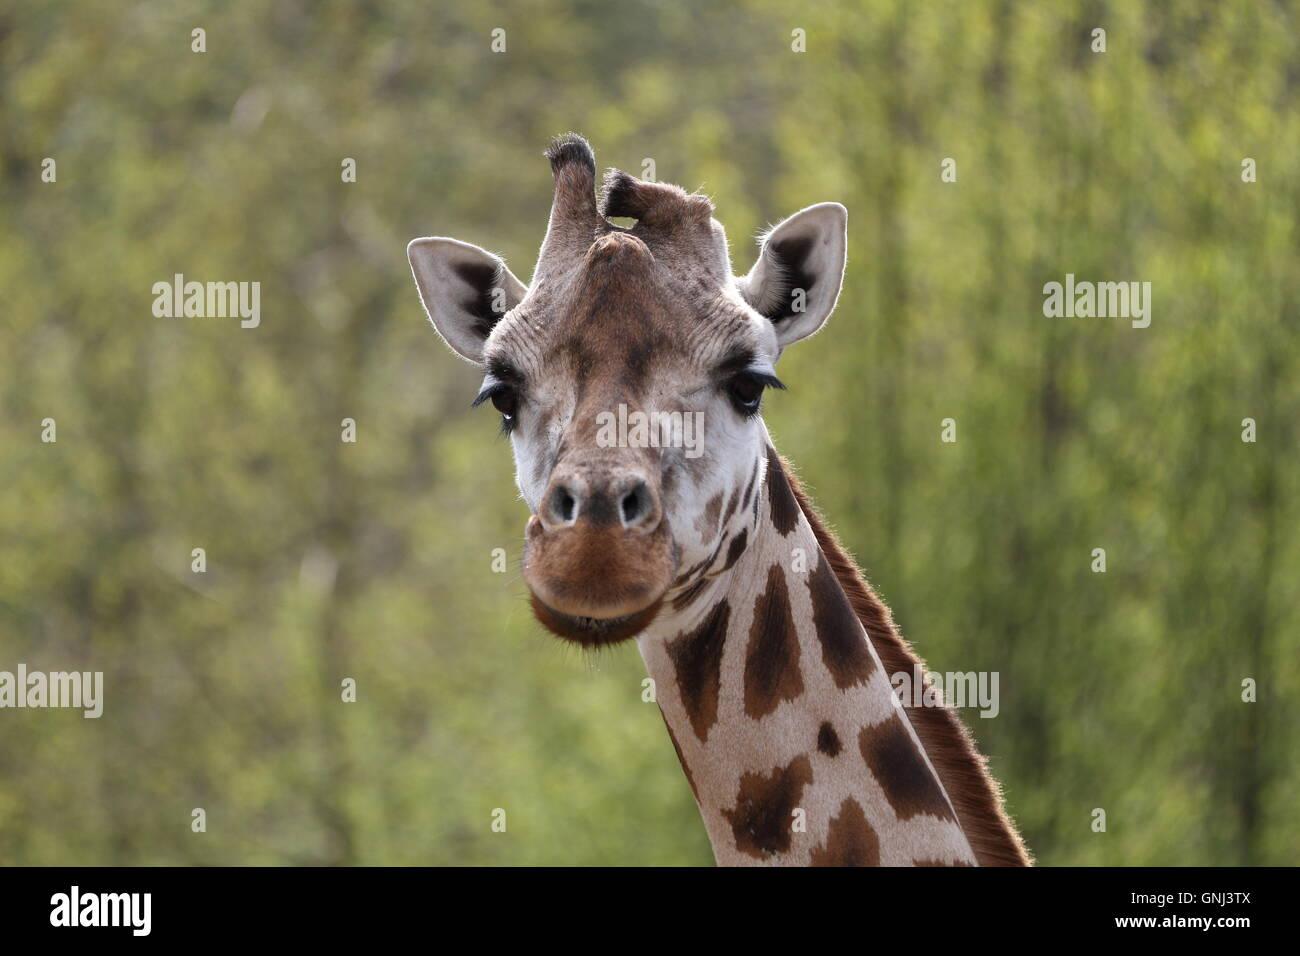 Une photo de la tête d'une jeune femme Girafe (Giraffa camelopardalis) vu de côté, avec un arrière Photo Stock